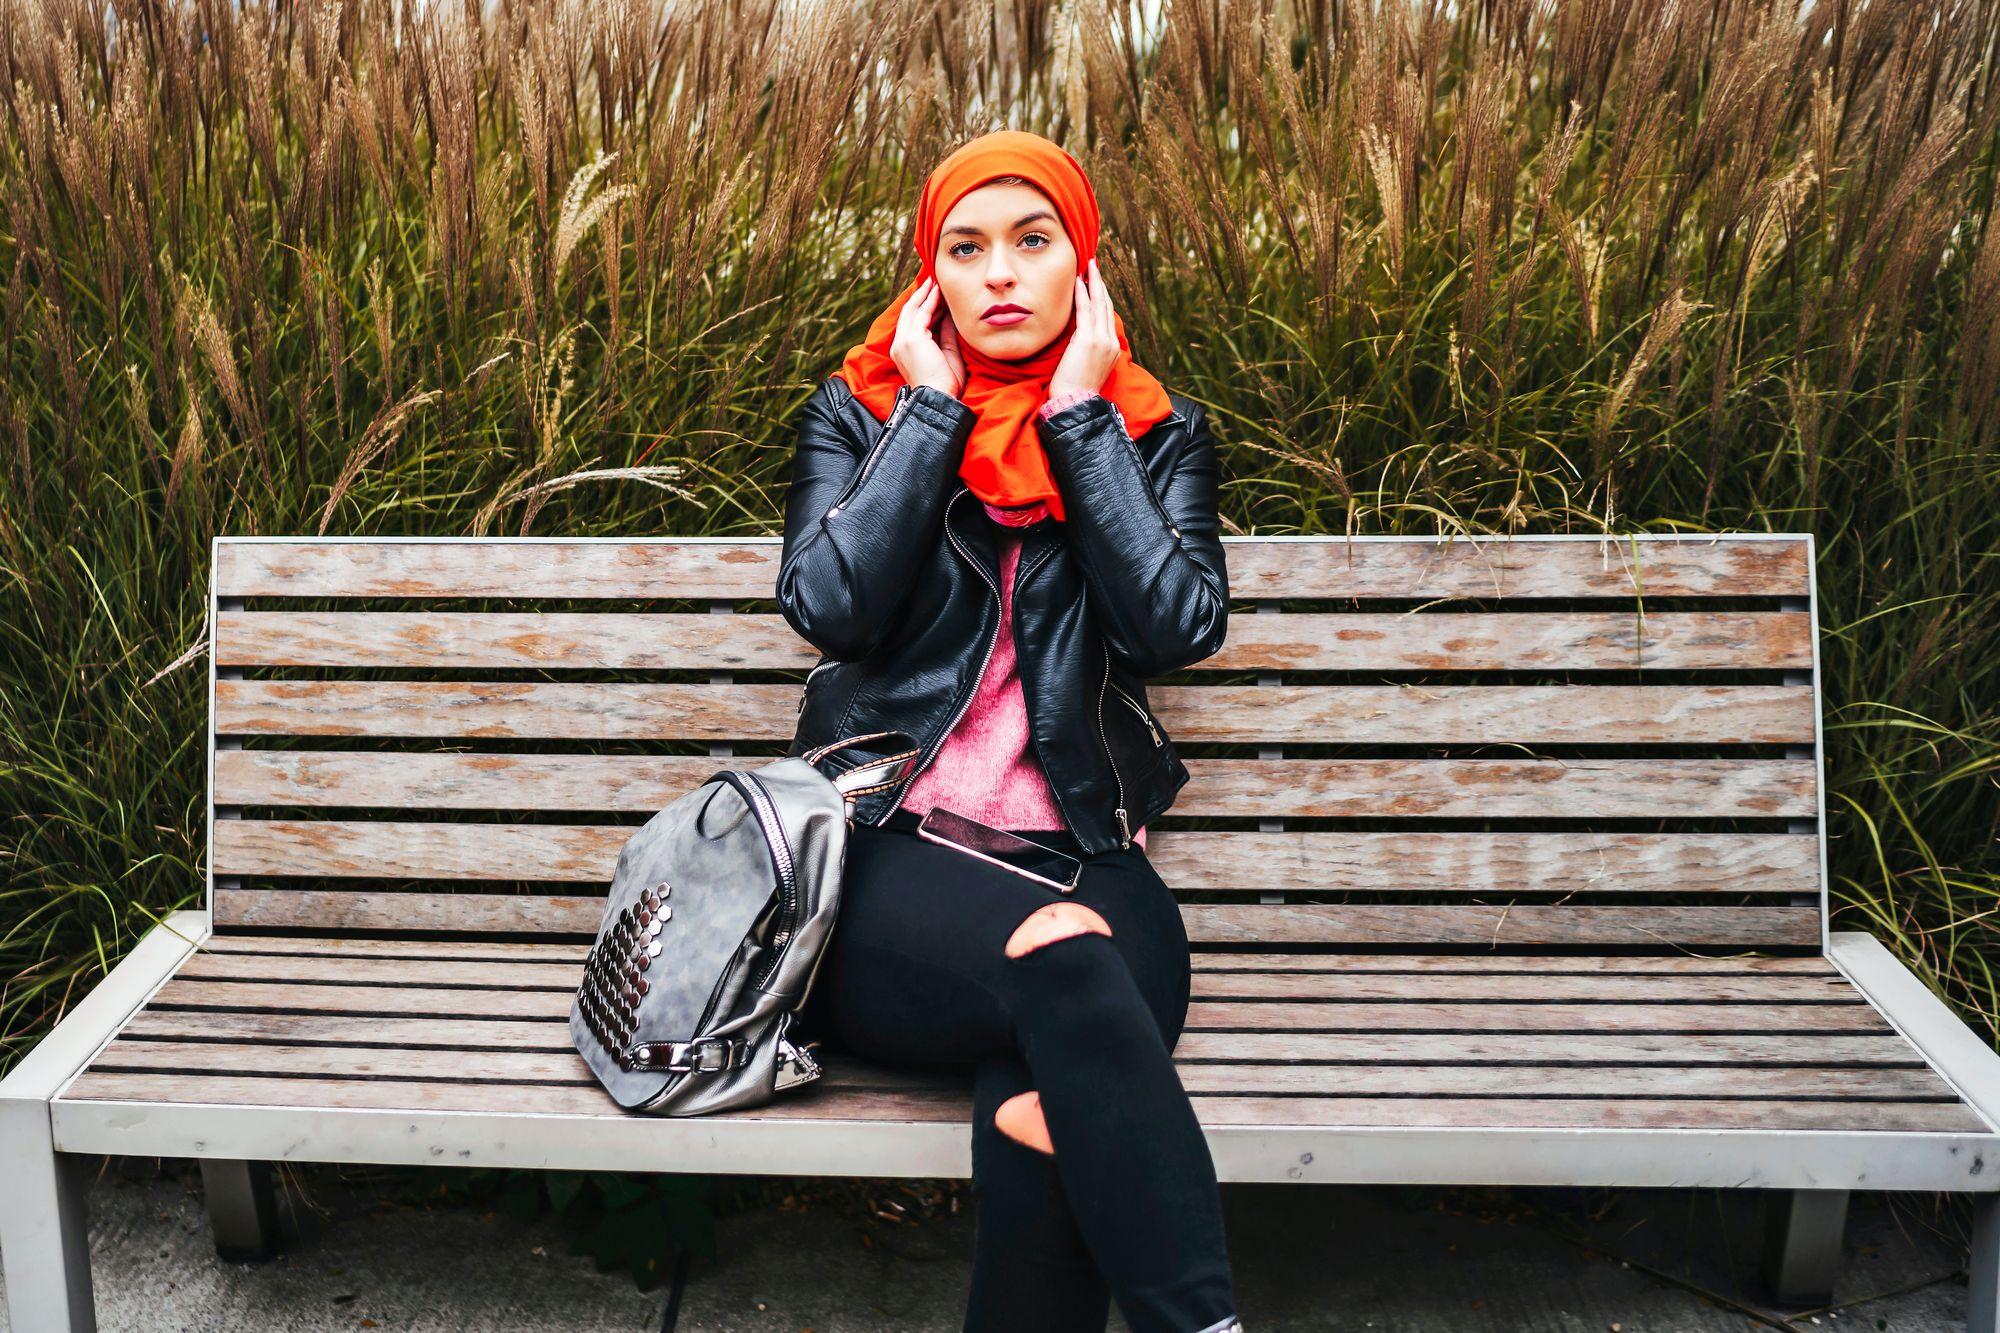 Muslimihuivin käyttäminen koetaan monissa maissa provosoivaksi – niinpä muotiteollisuuskin on ottanut sen valikoimiinsa, ärsytysarvon vuoksi. © istock